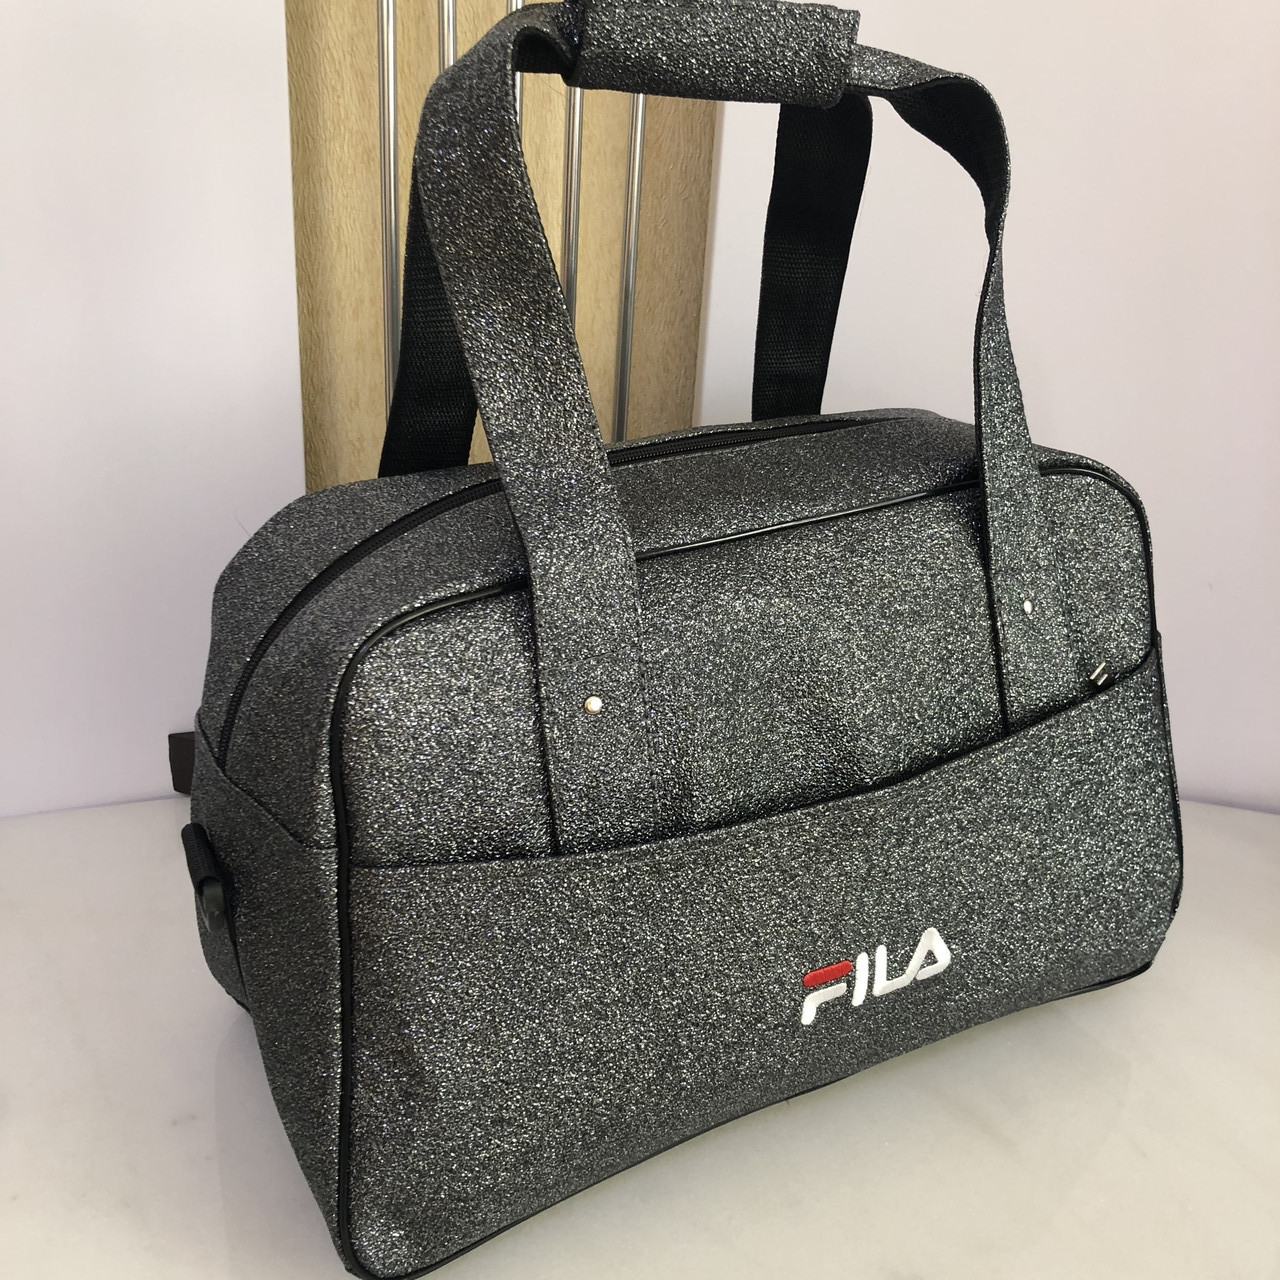 Женская спортивная сумка дорожная сумка Fila Nike Fendi серая